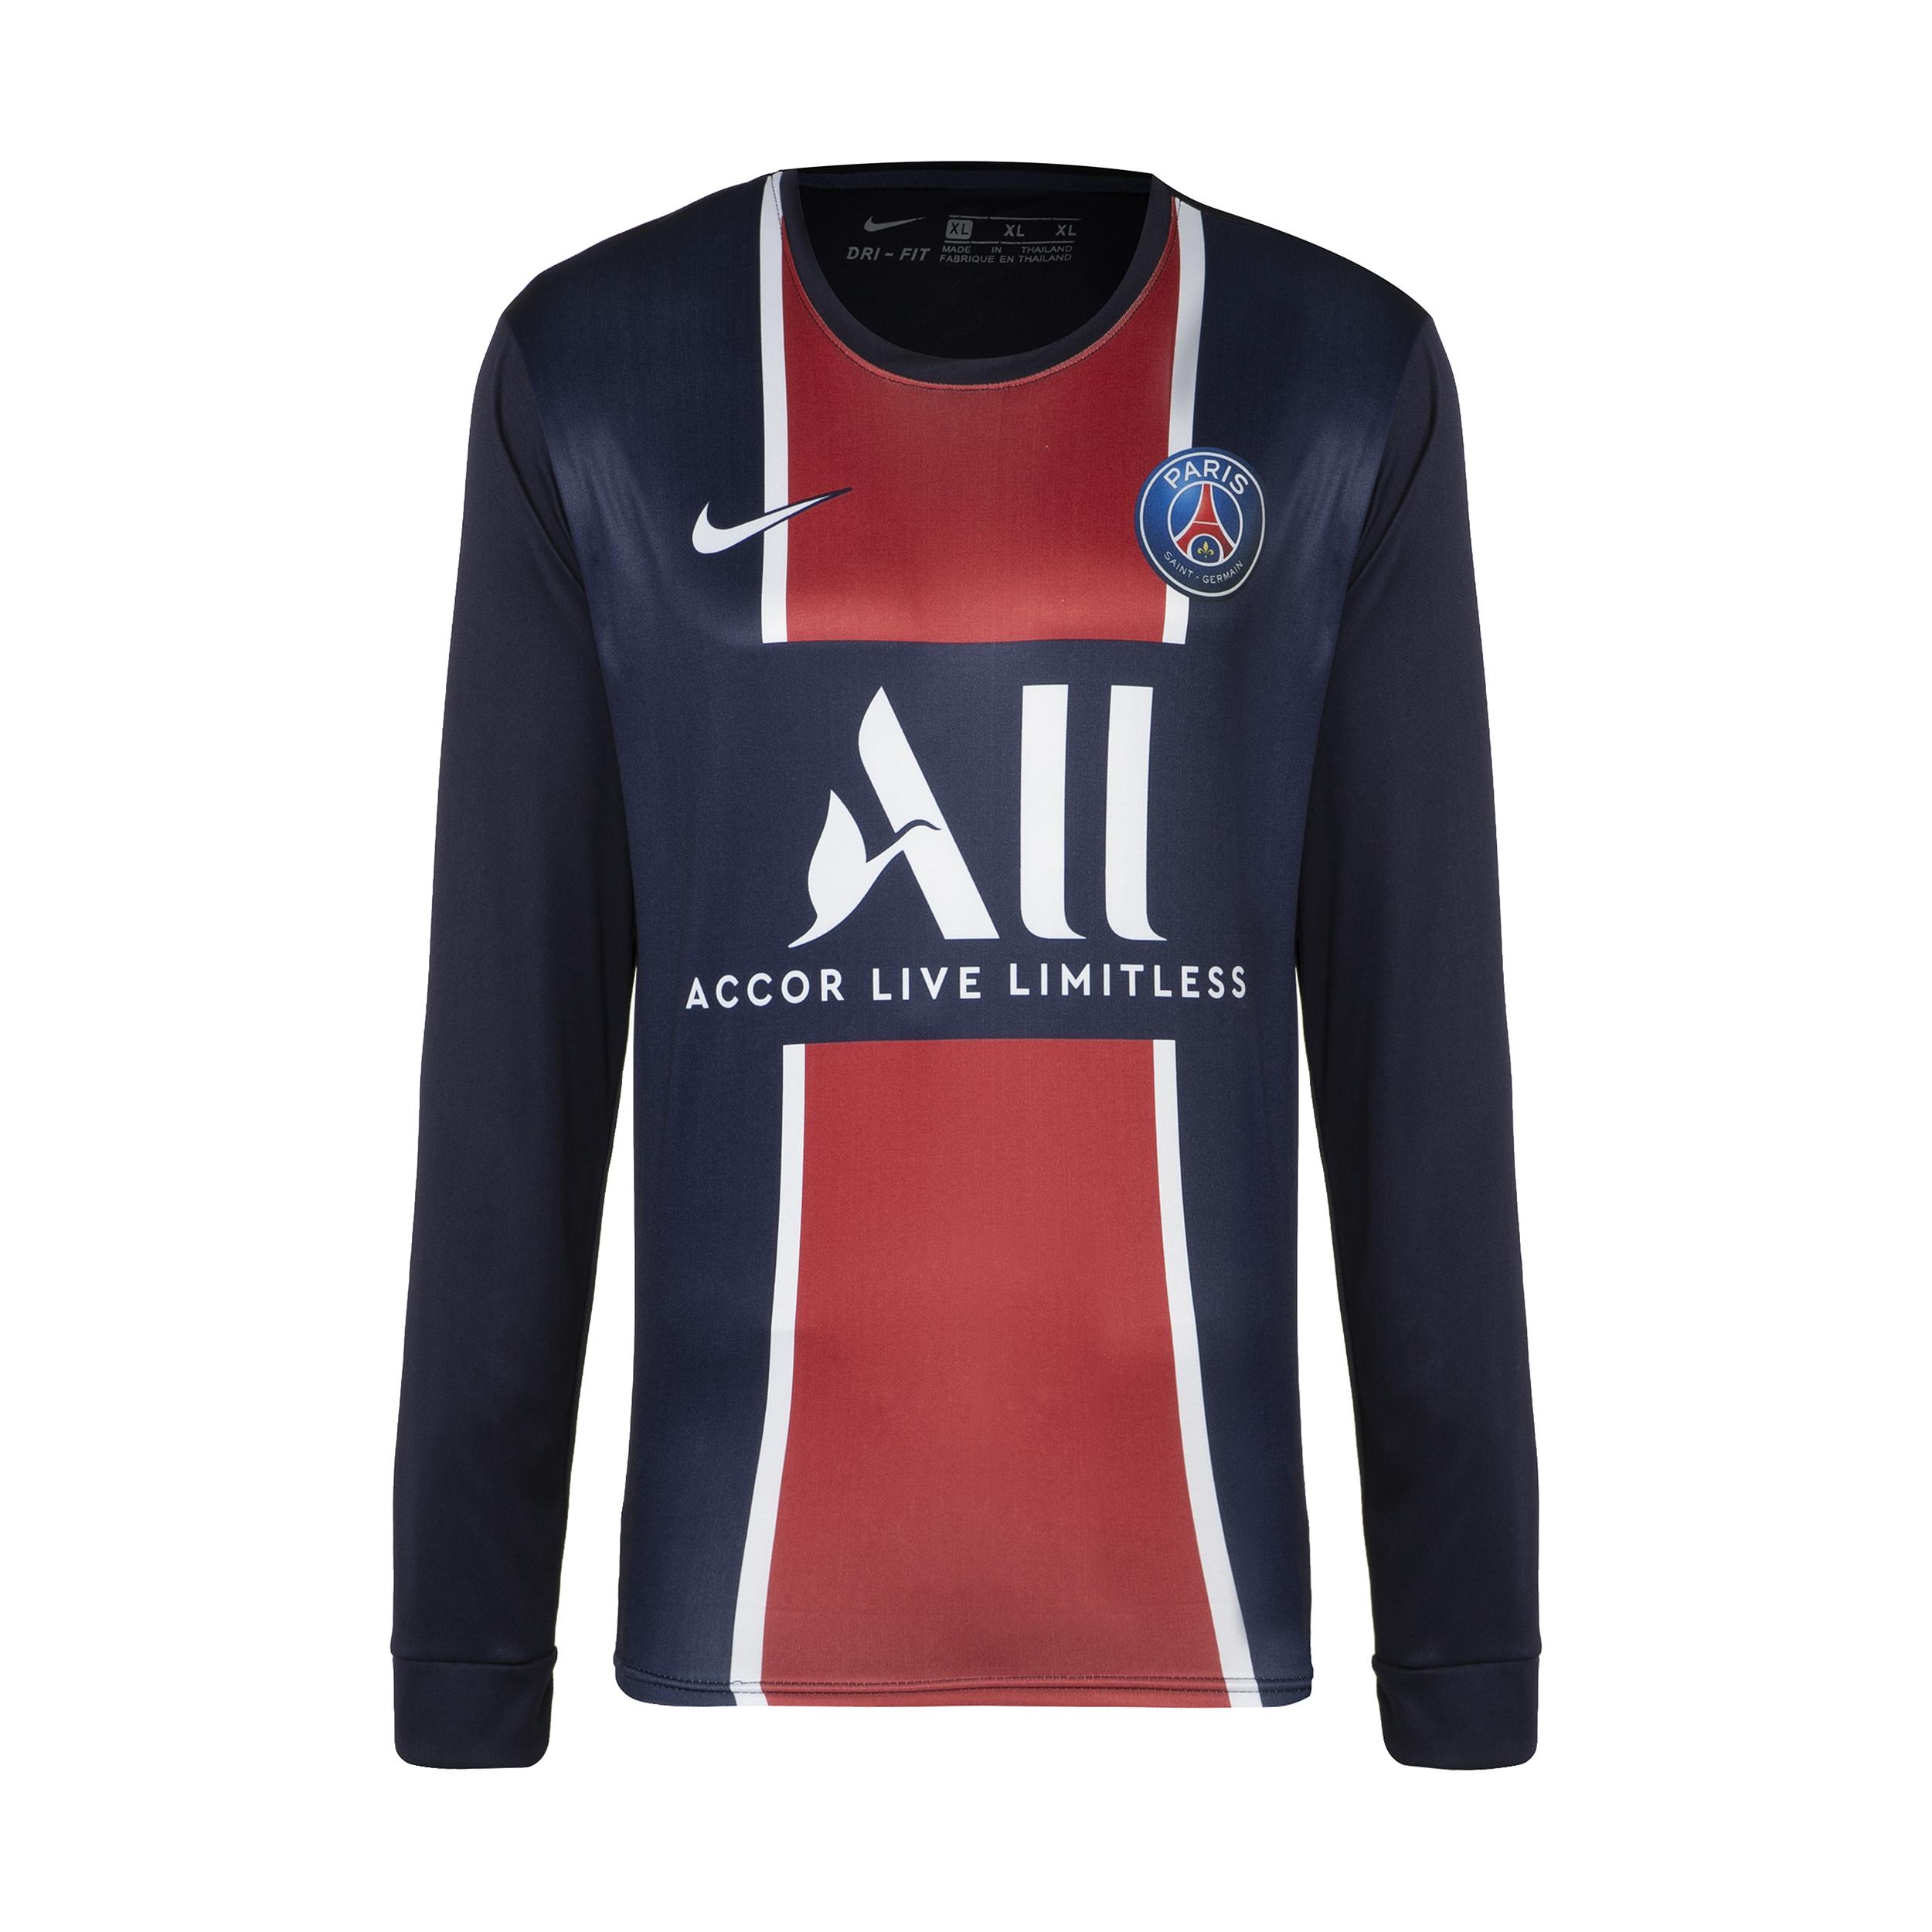 تی شرت ورزشی پسرانه طرح پاری سنت ژرمن مدل 2021                     غیر اصل